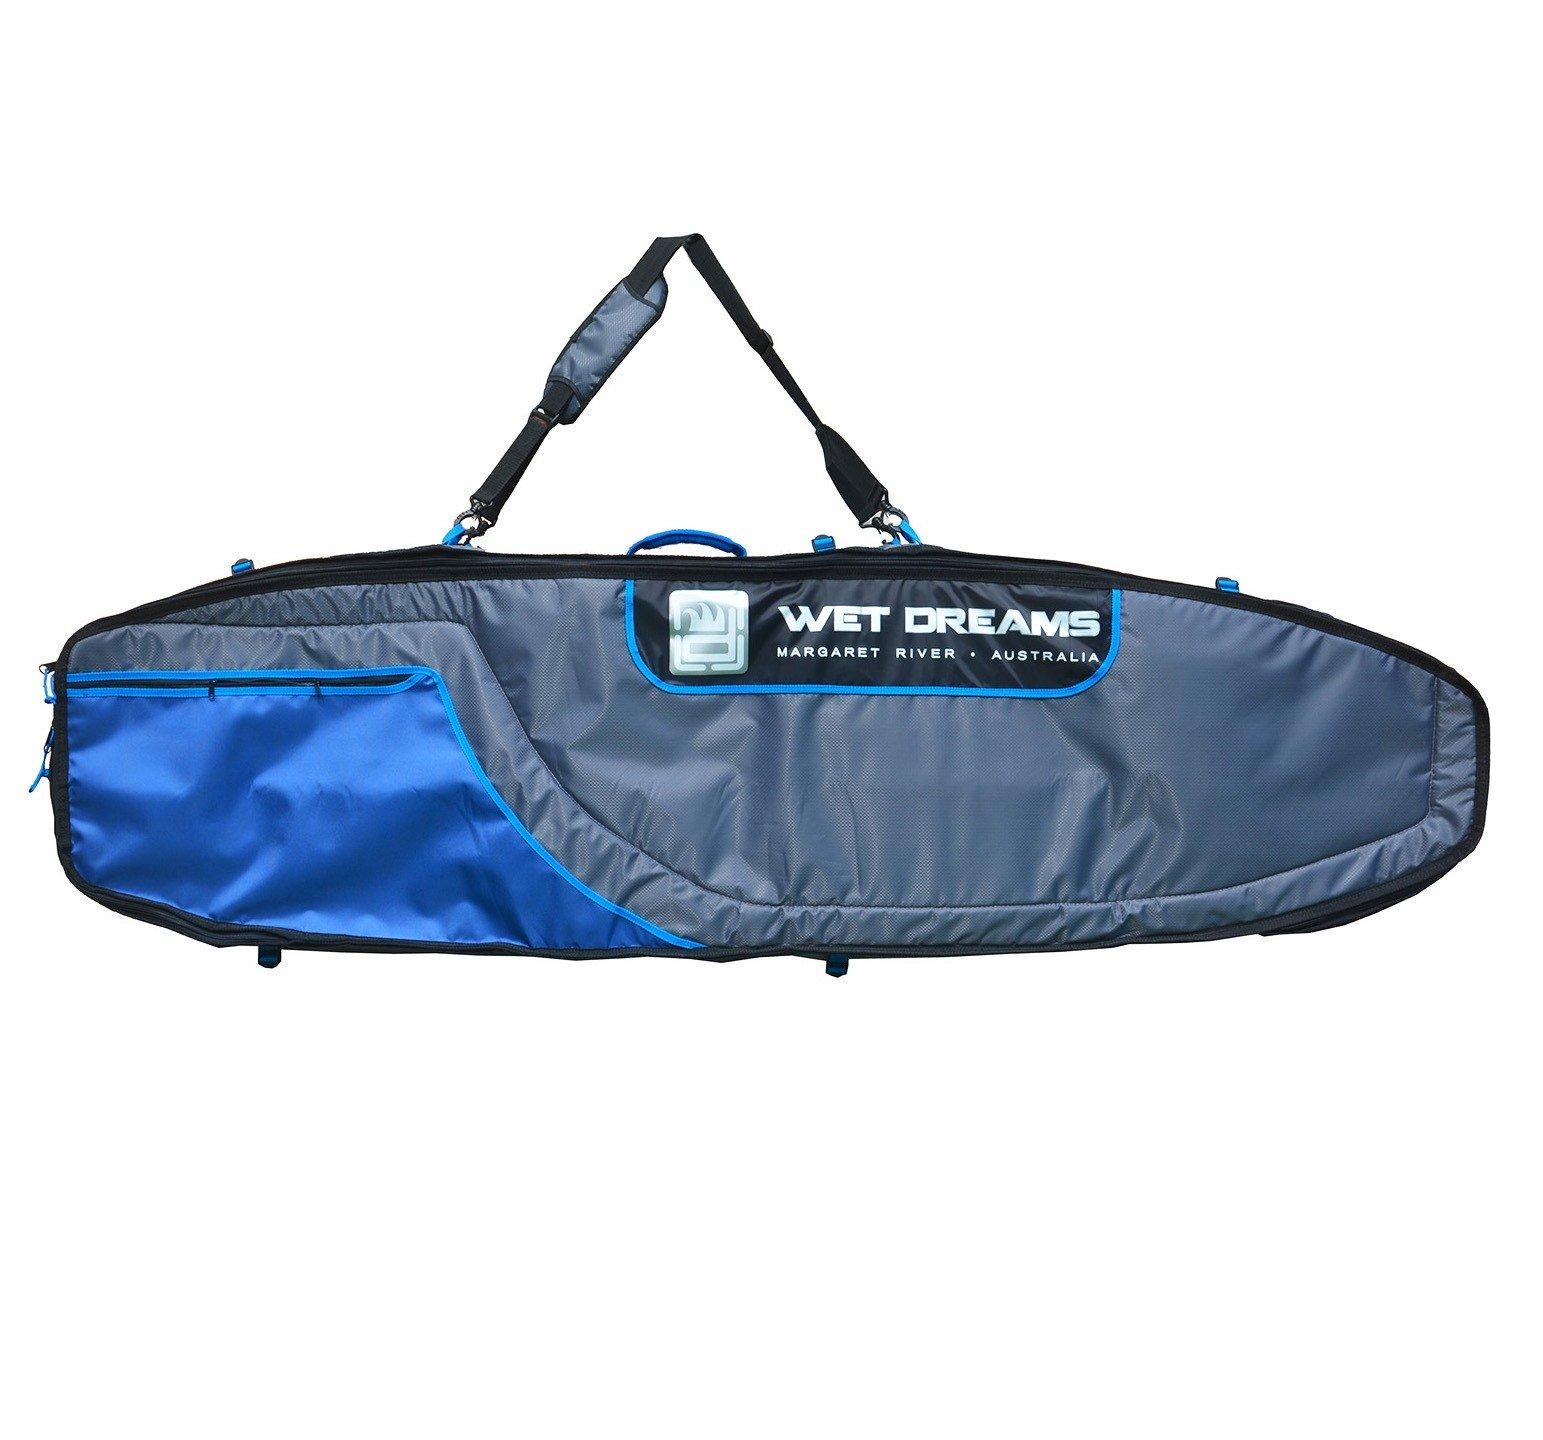 Sarcófago para 4 pranchas de Surf 8'0'' - 2,43m - Wet Dreams | Prancharia